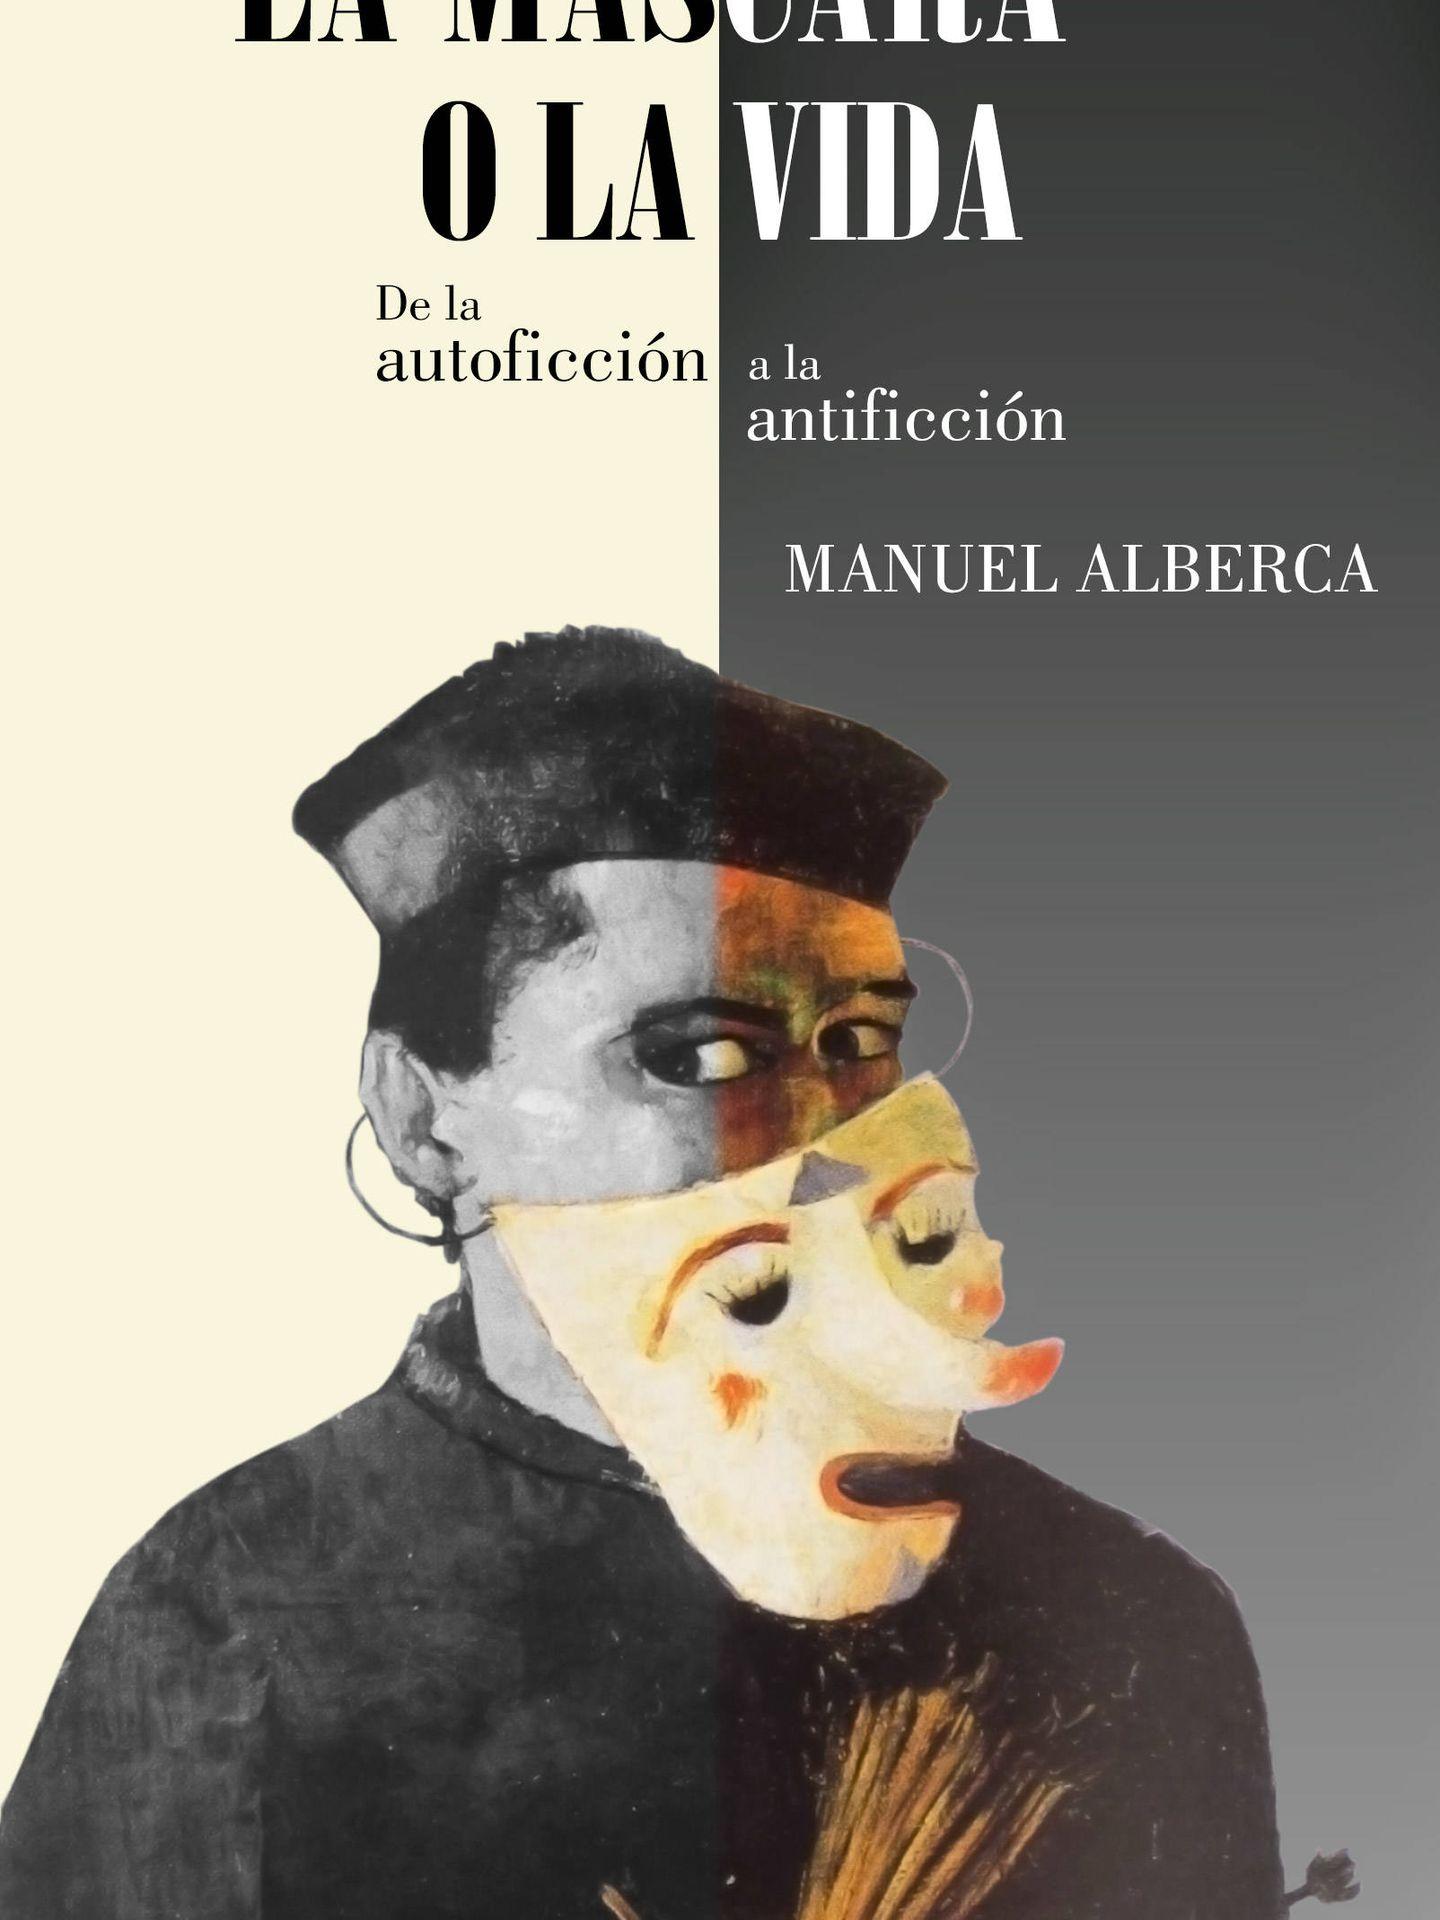 'La máscara o la vida'. (Pálido fuego)